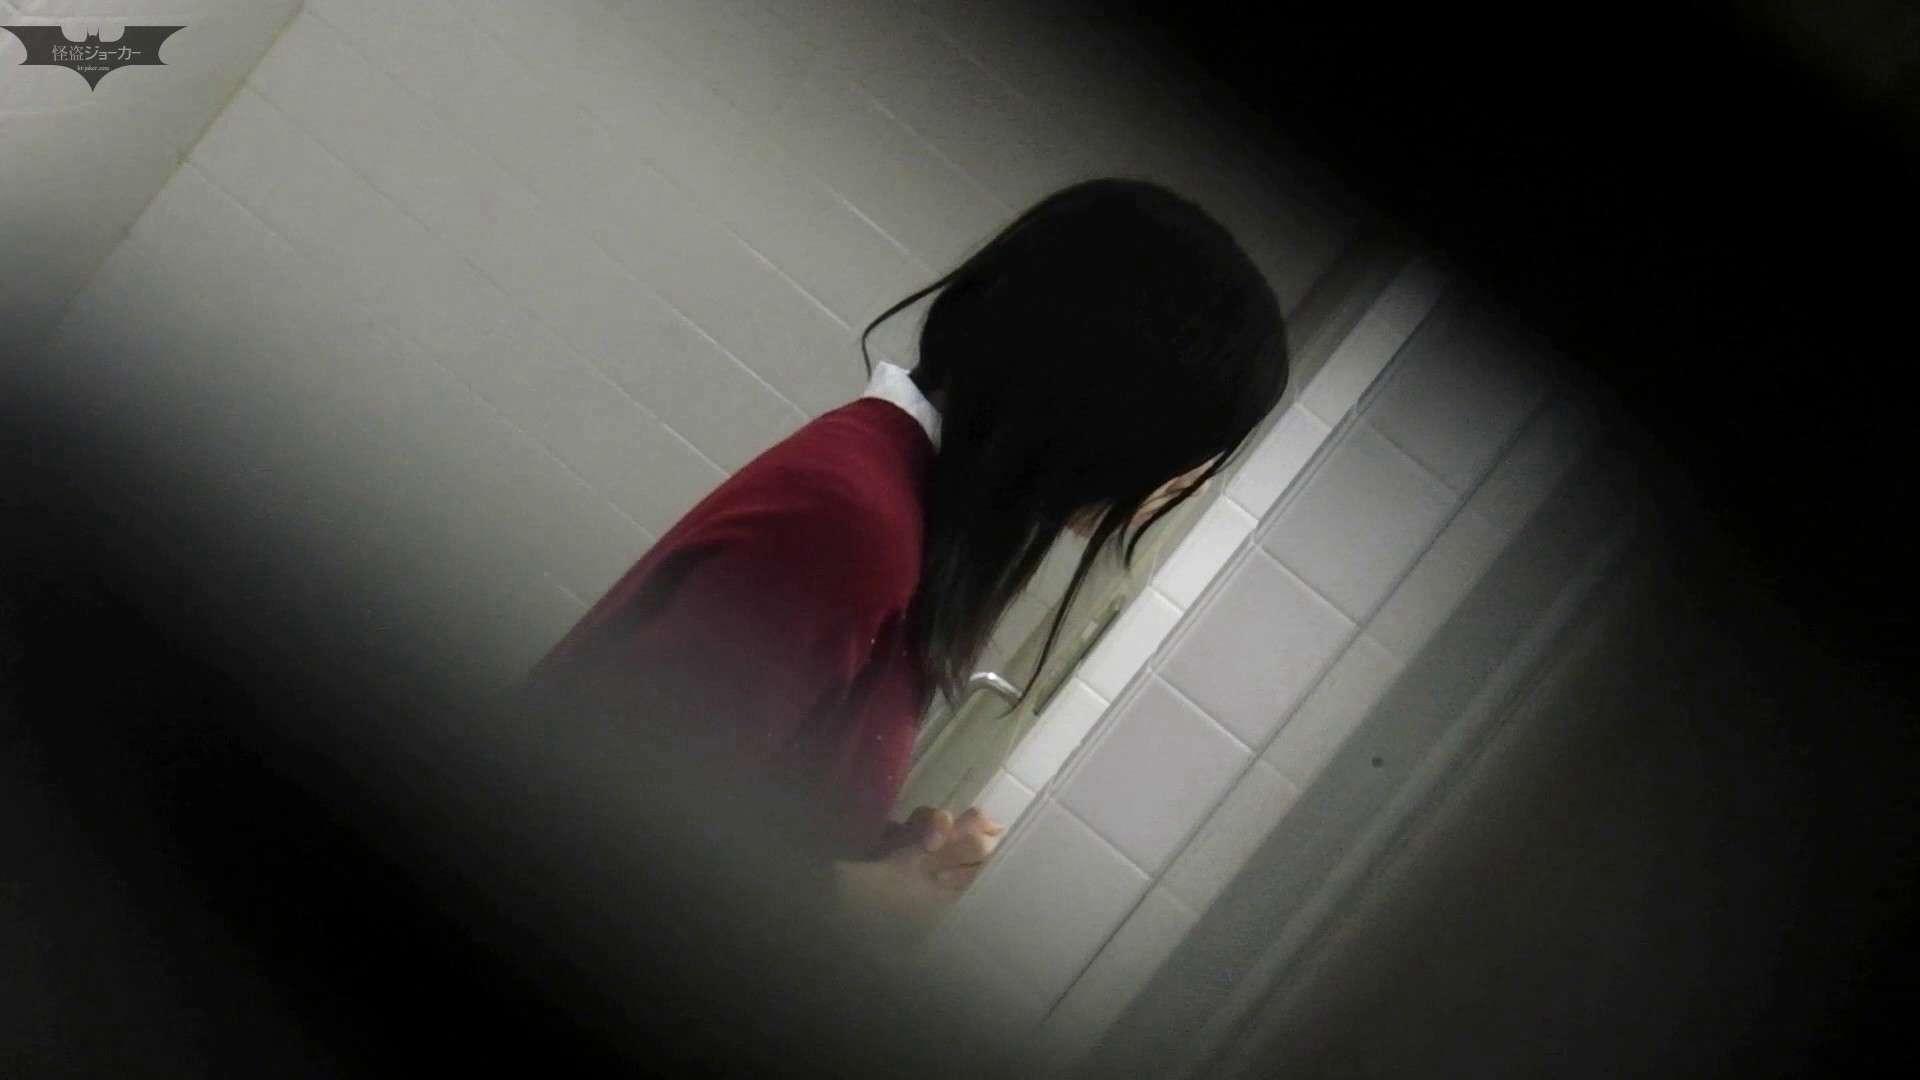 お銀さん vol.59 ピンチ!!「鏡の前で祈る女性」にばれる危機 洗面所 セックス画像 56画像 5